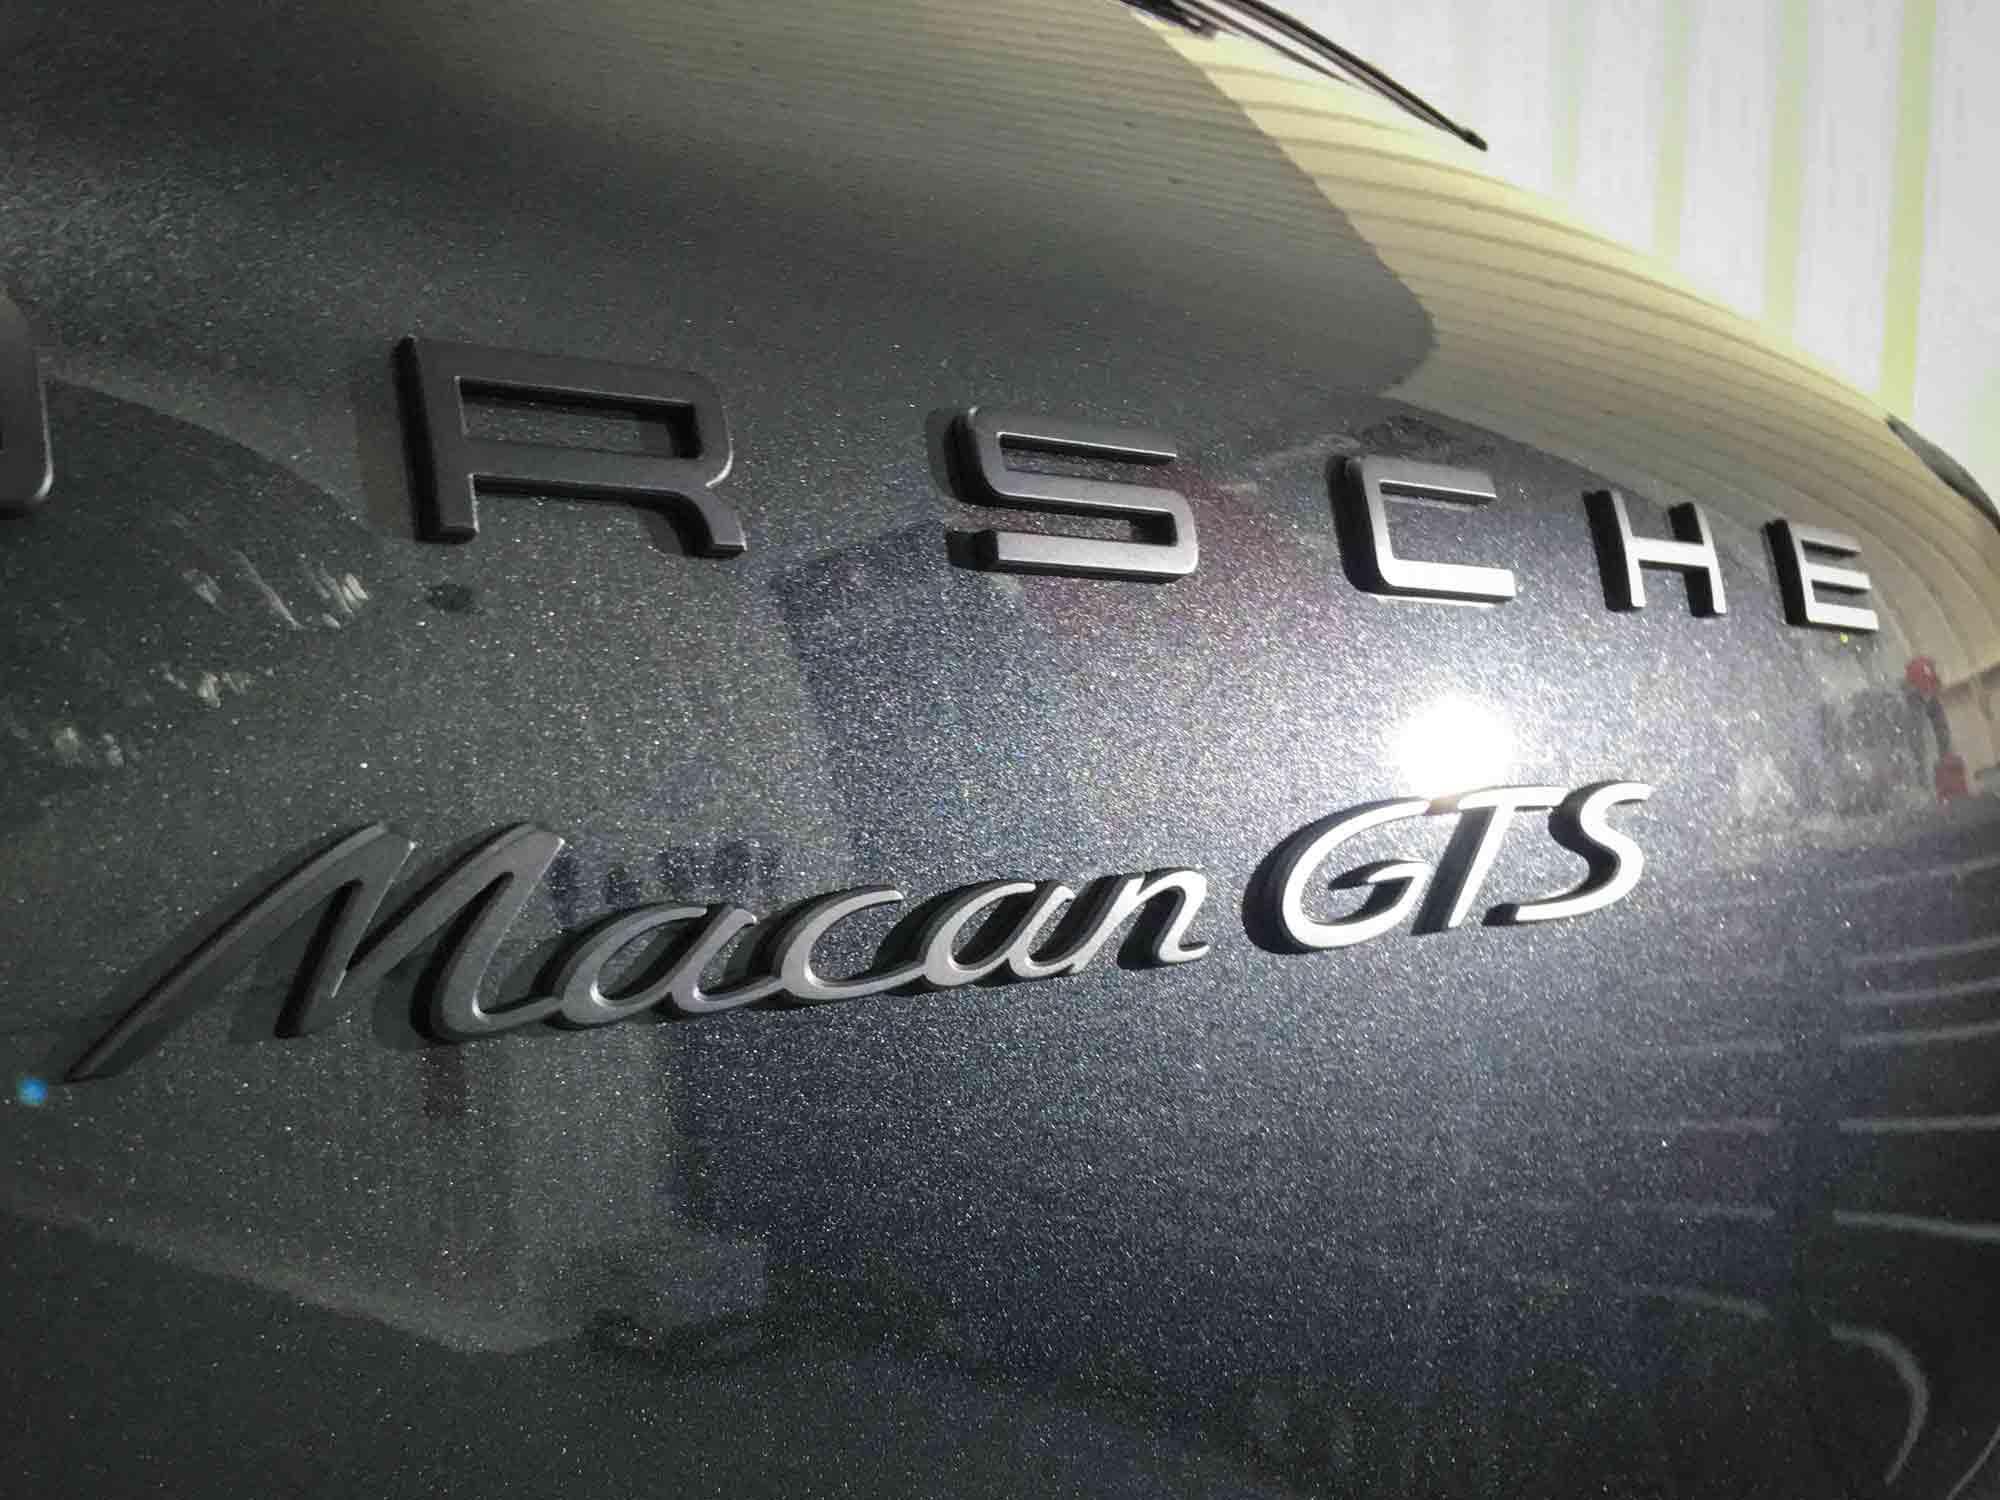 Porsche_Macan_GTS-badge-detail